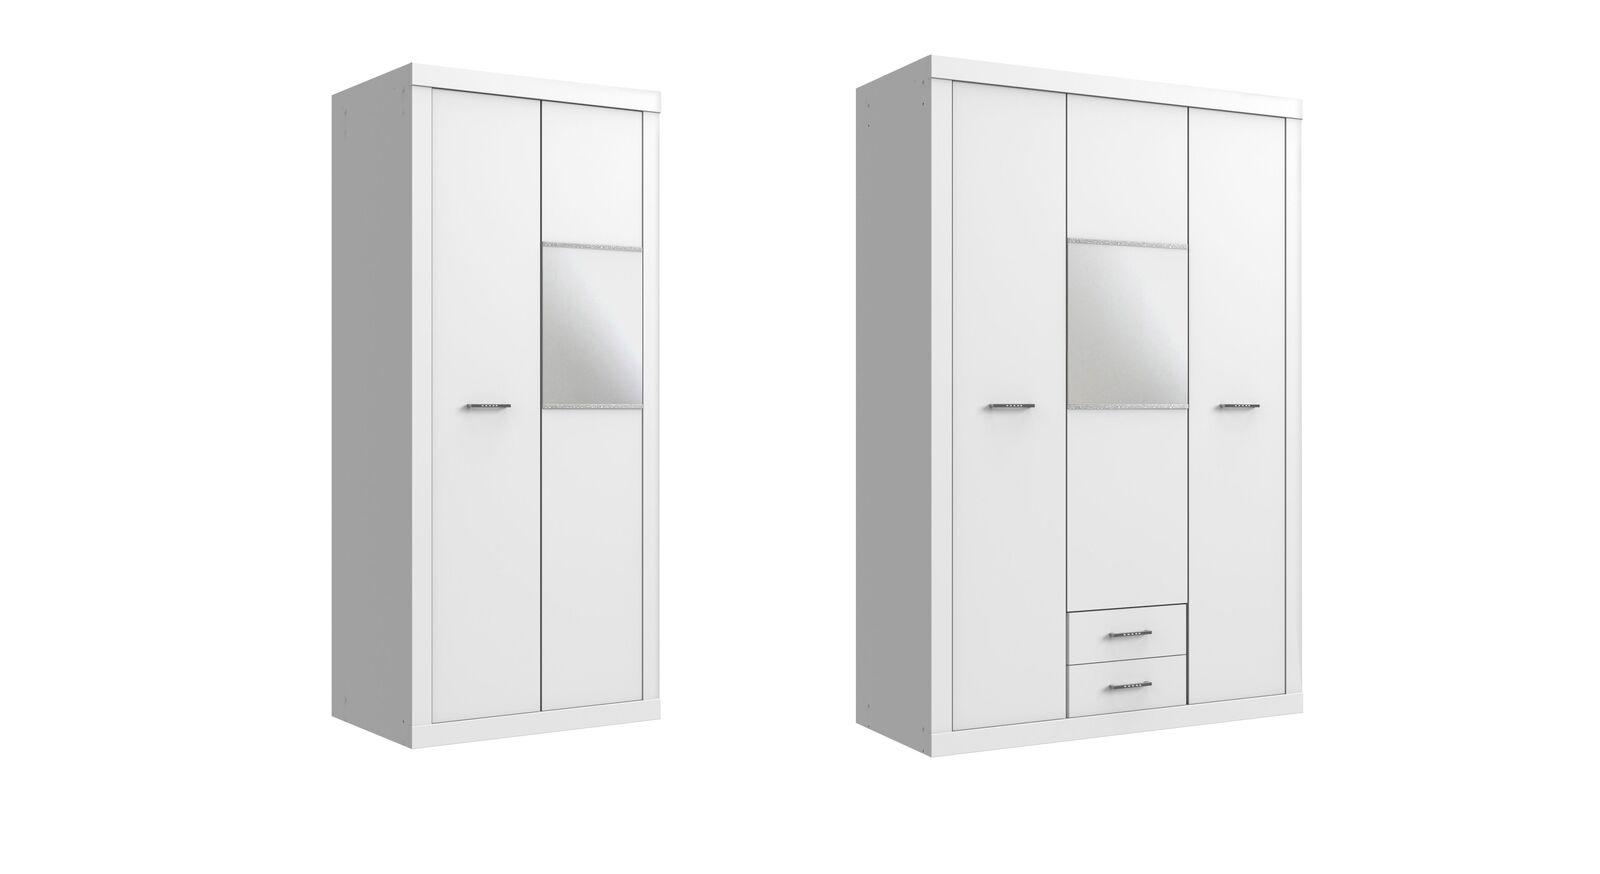 Spiegel-Kleiderschrank Lajana in zwei Ausführungen erhältlich